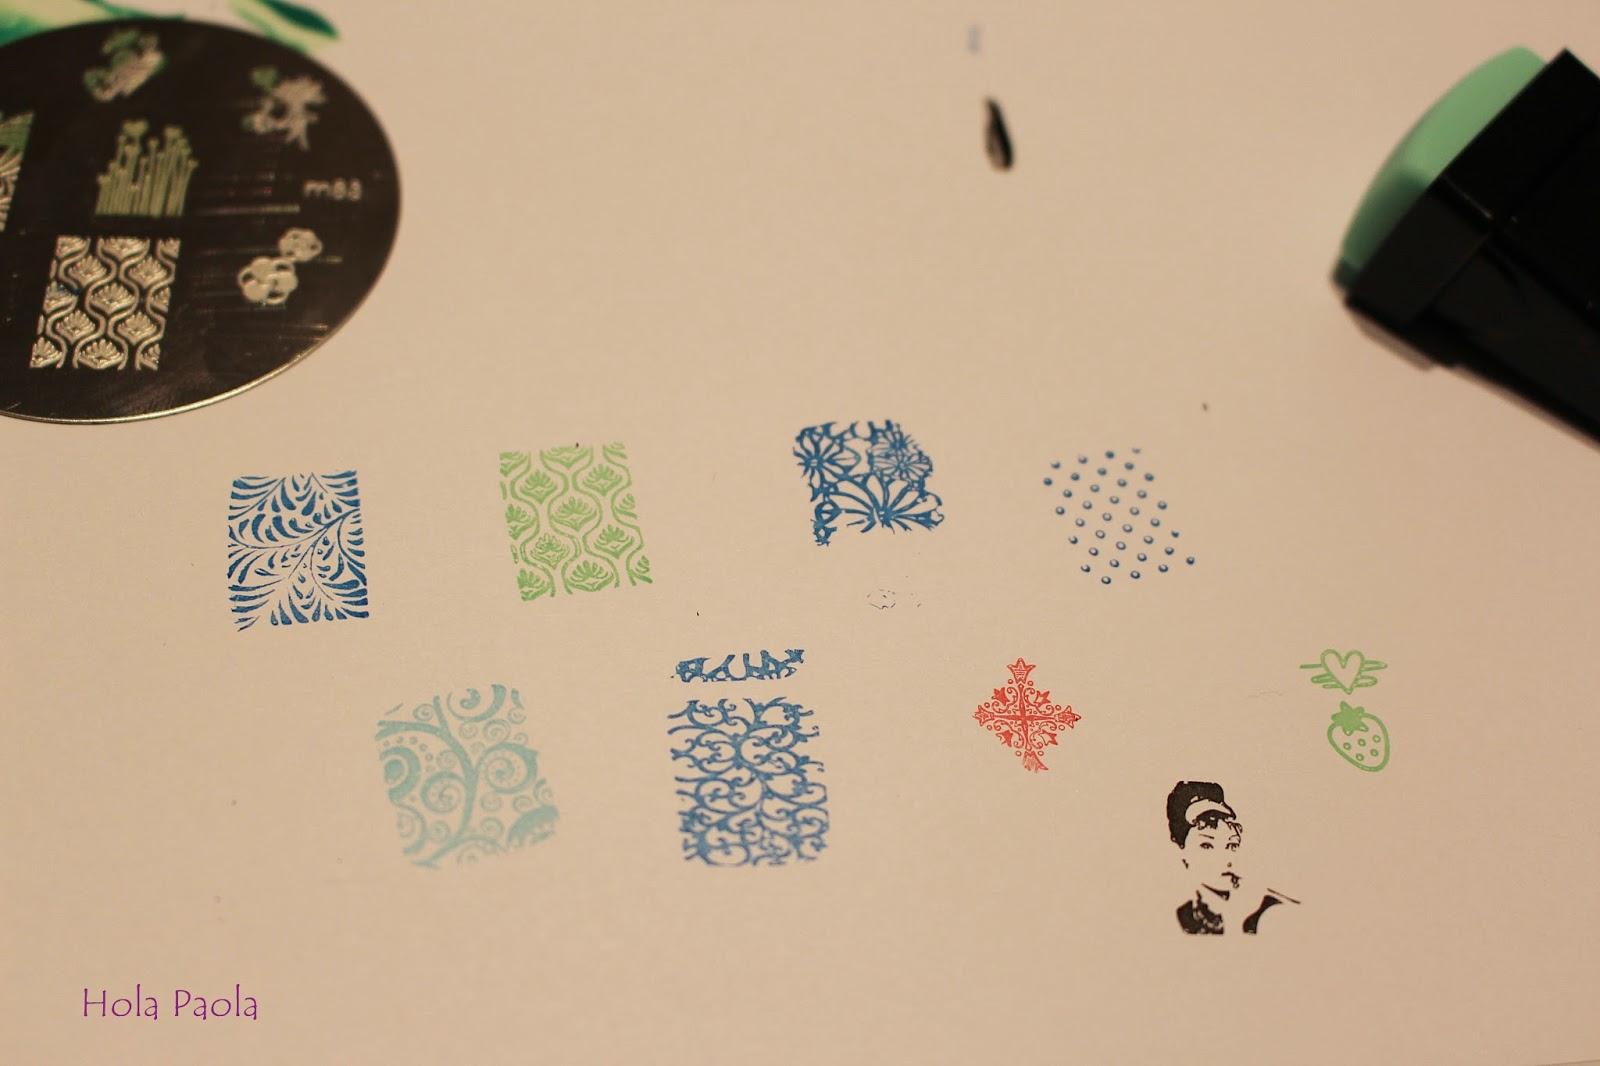 Stemple Stemplowanie płytki lakiery gumki nie działa co zrobić stamping nails paznokcie zdobienie wzory not work what to do